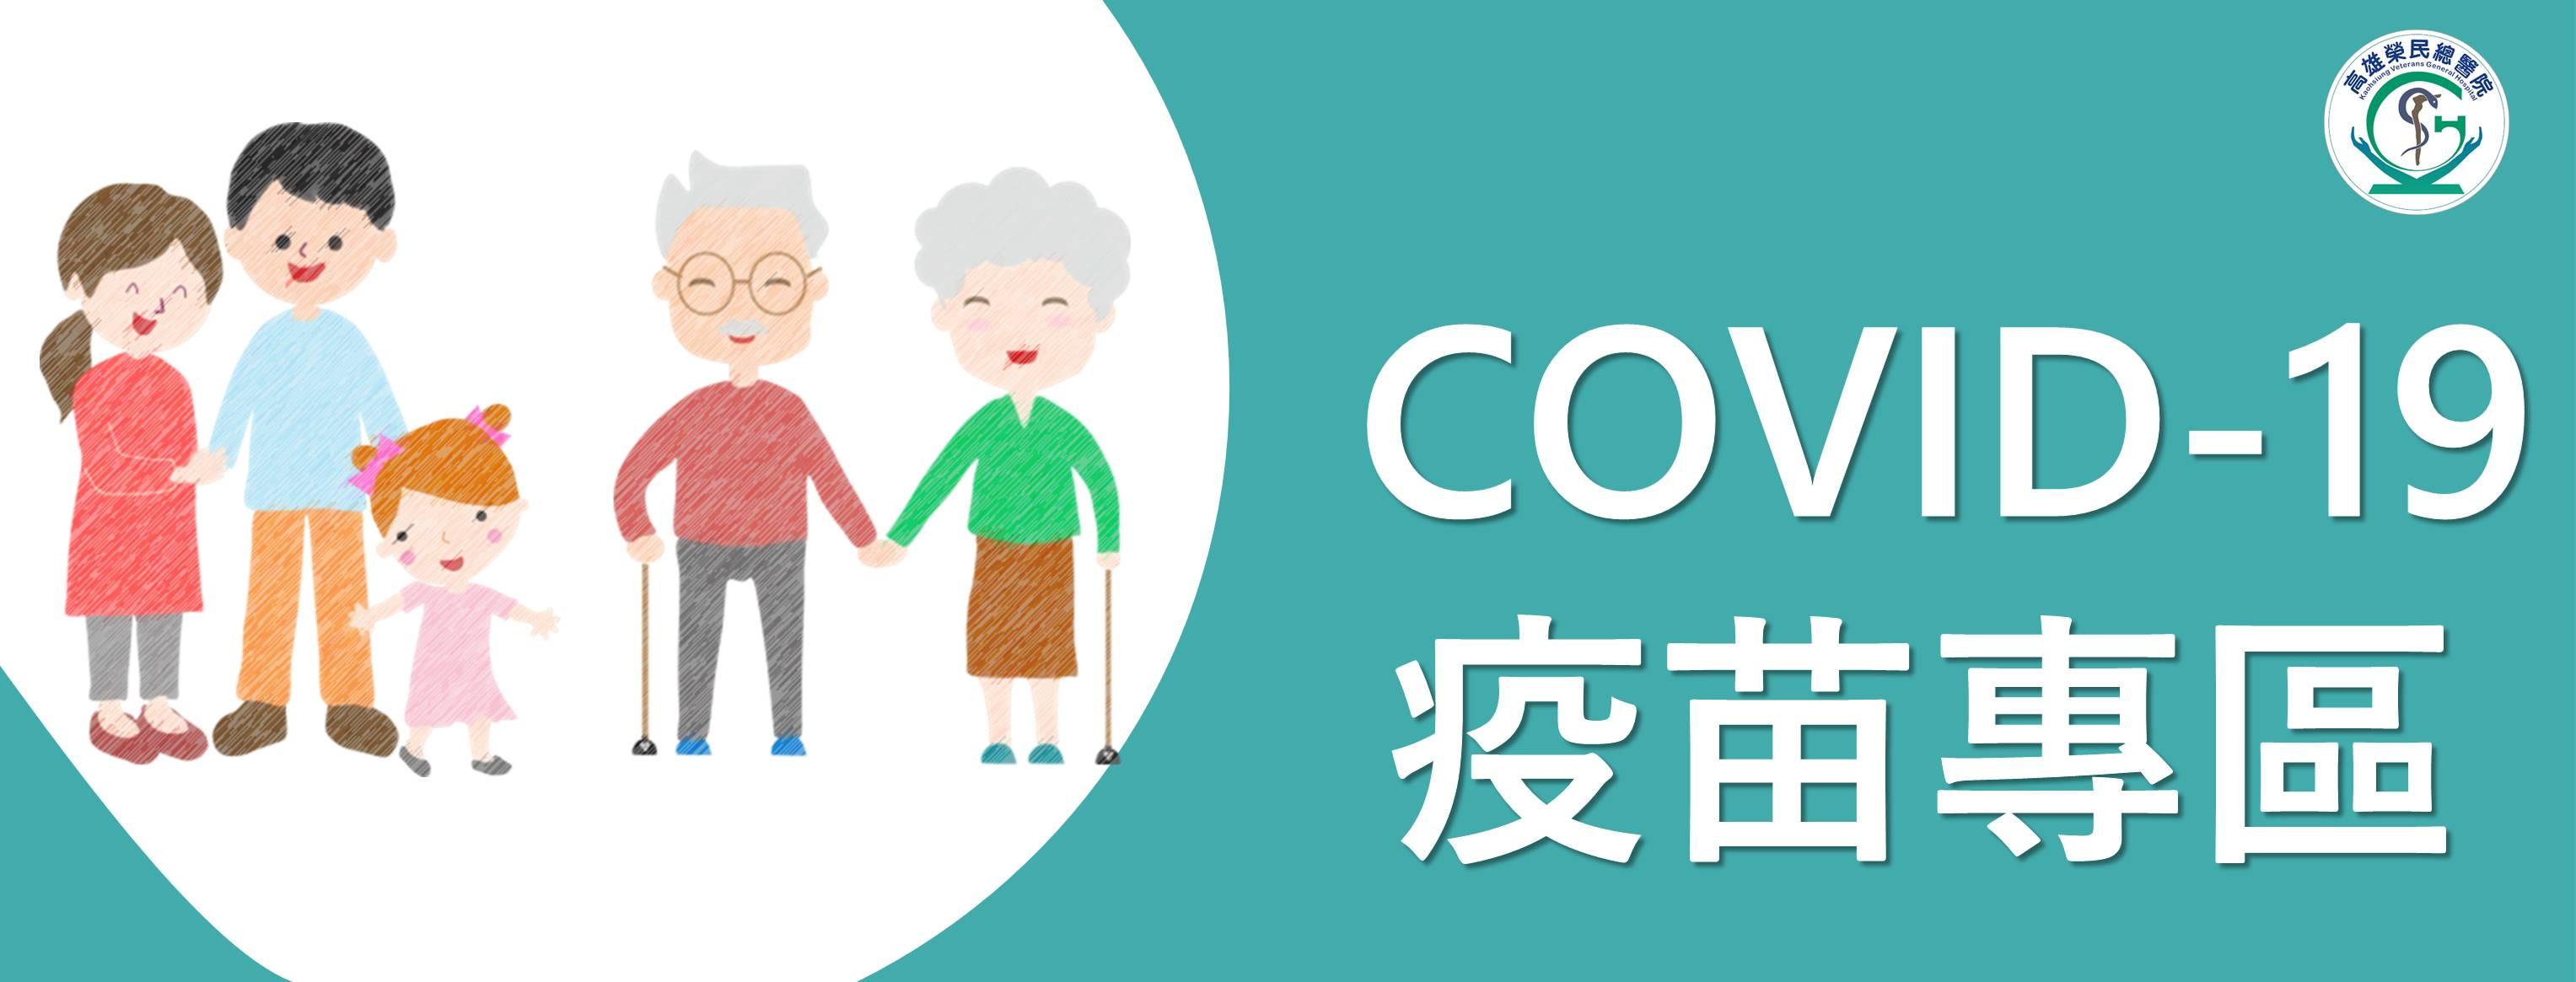 1100803 「家庭醫學部」 - COVID-19疫苗專區(圖片)